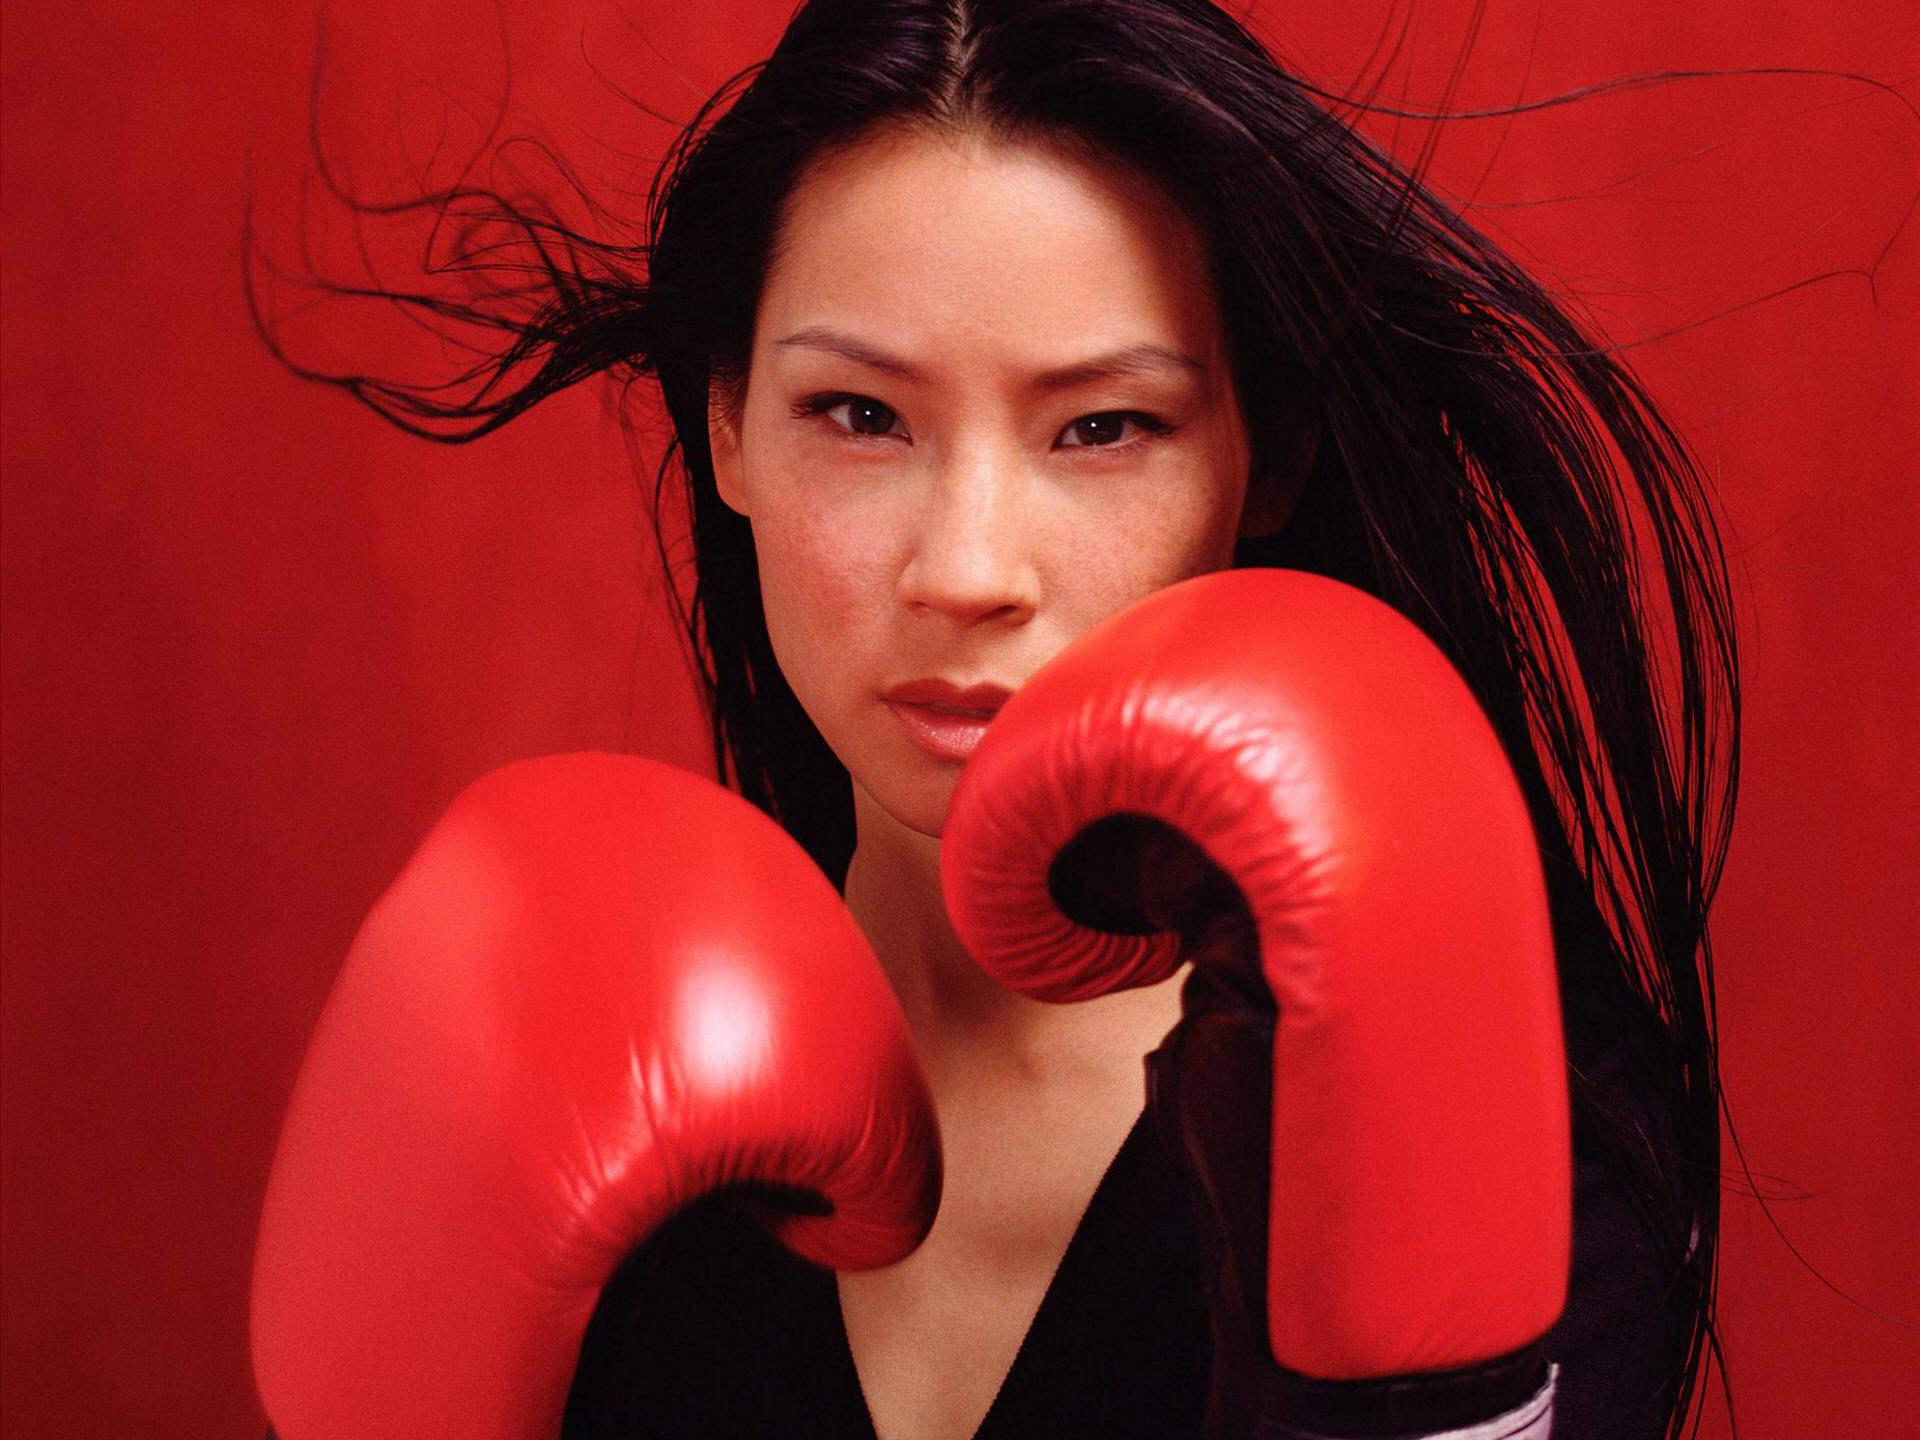 Люси Ли, фото, бокс, боксерские перчатки